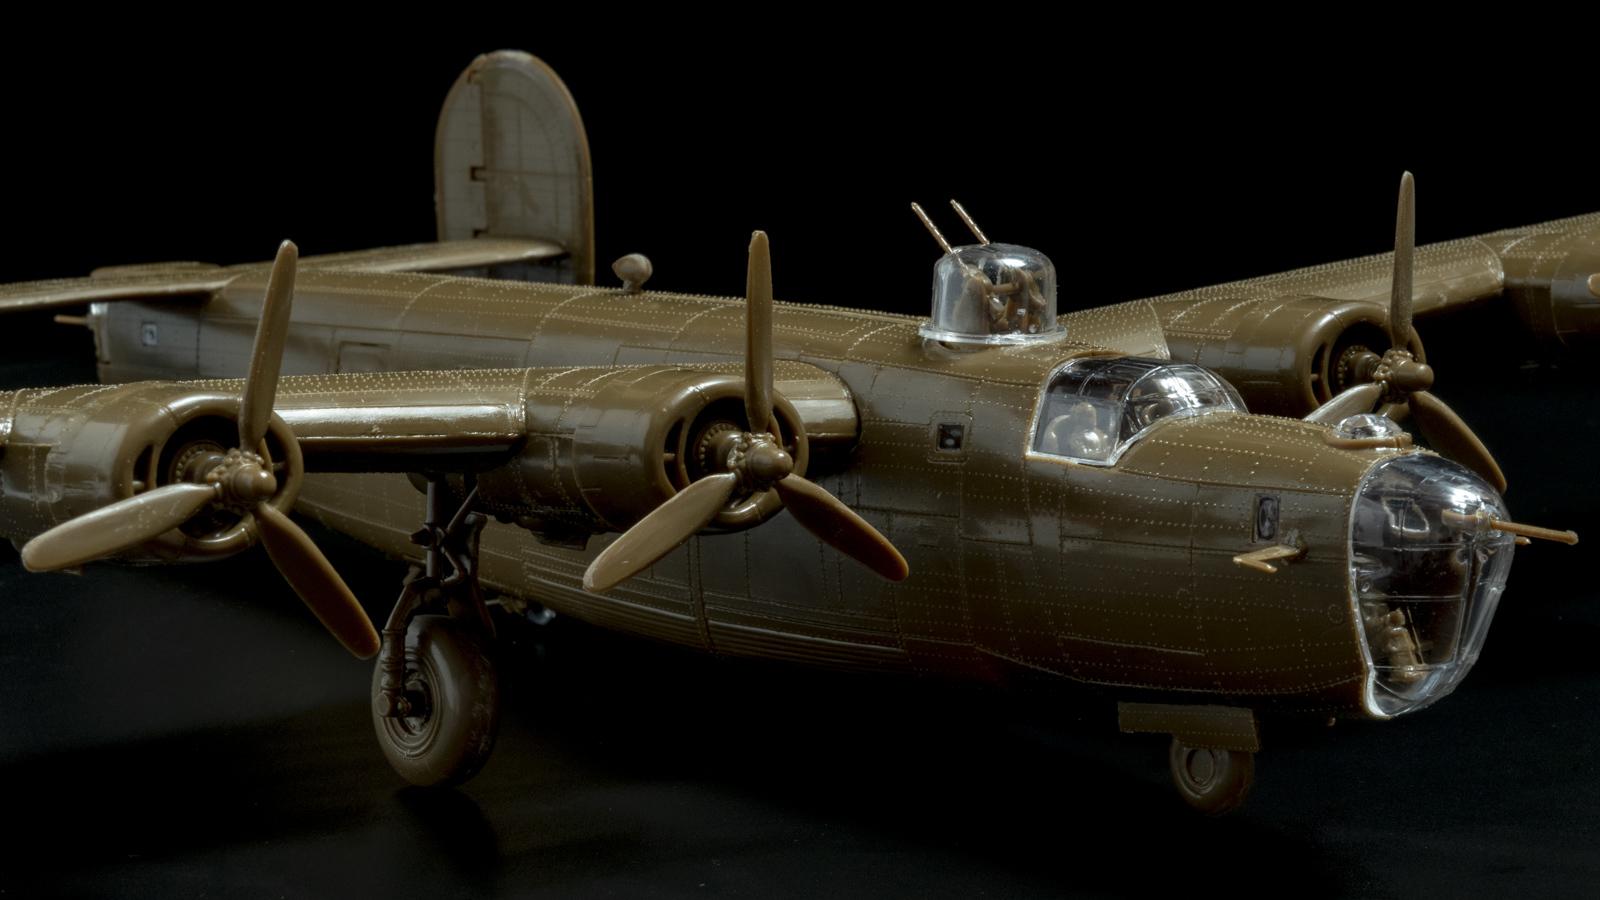 【パチ組みの月曜日】60年前の舶来キット、B-24リベレーターを貼る_b0029315_22101637.jpg